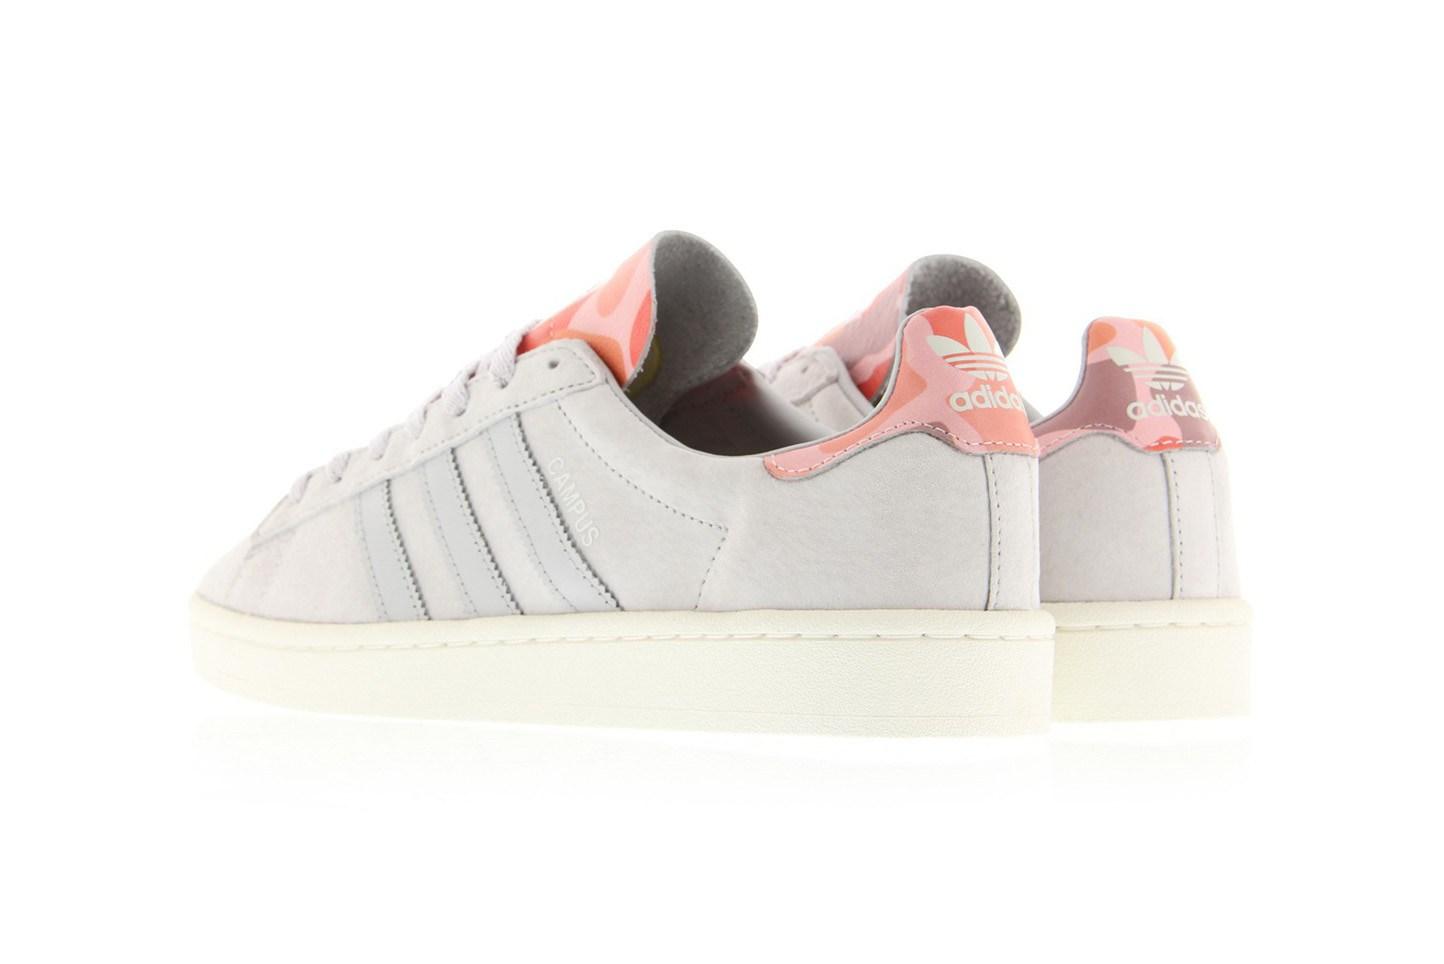 adidas-campus-pink-sun-glow-camo-2